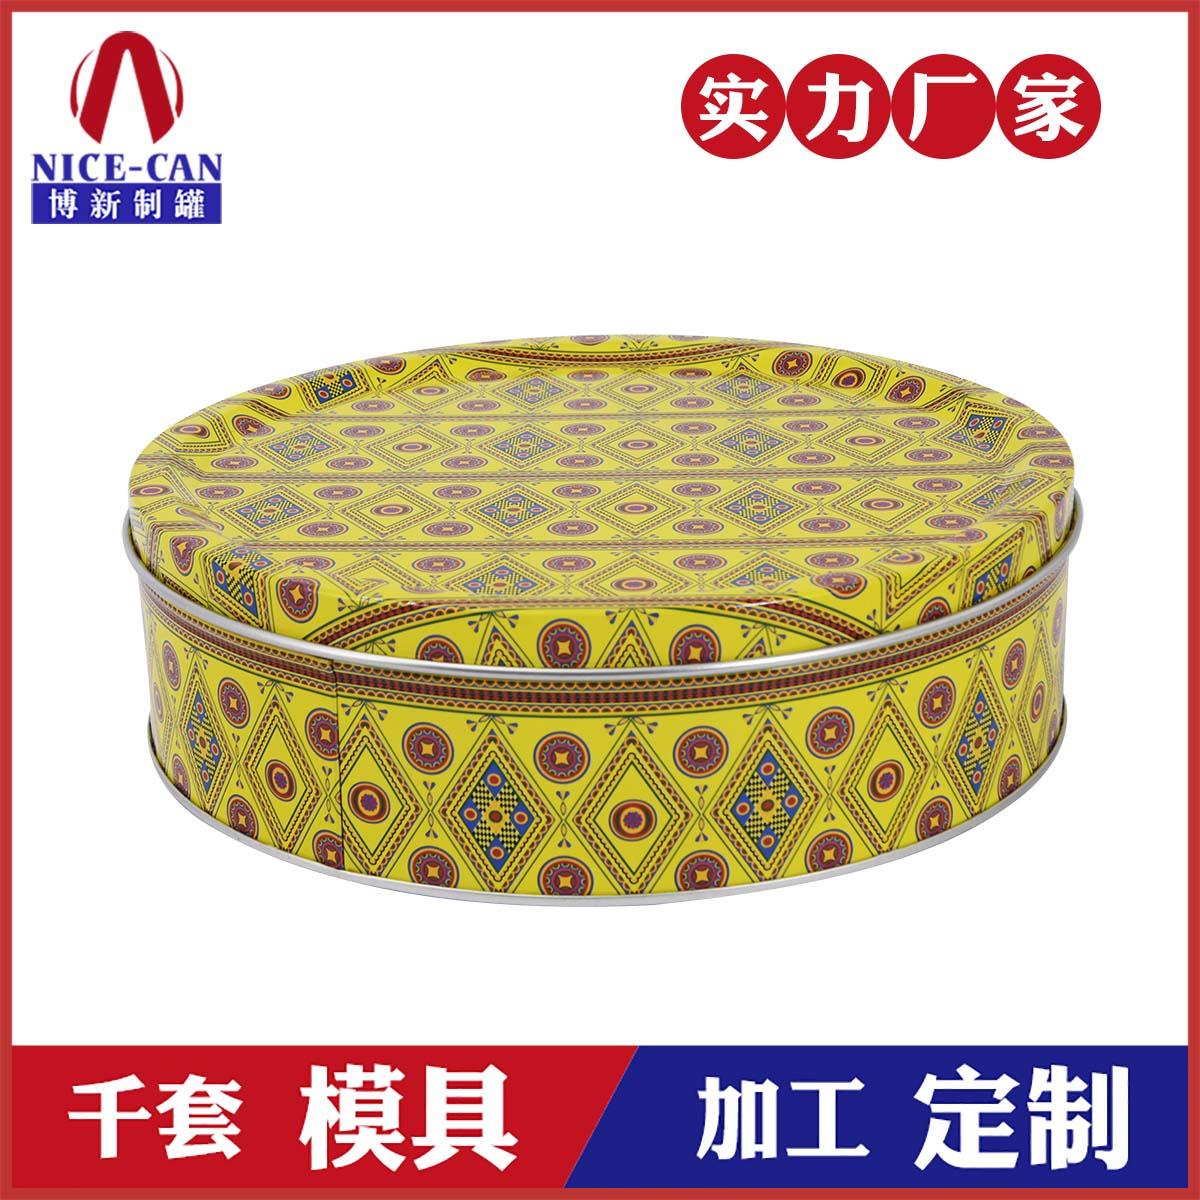 圆形马口铁茶叶罐-生产茶叶铁盒包装